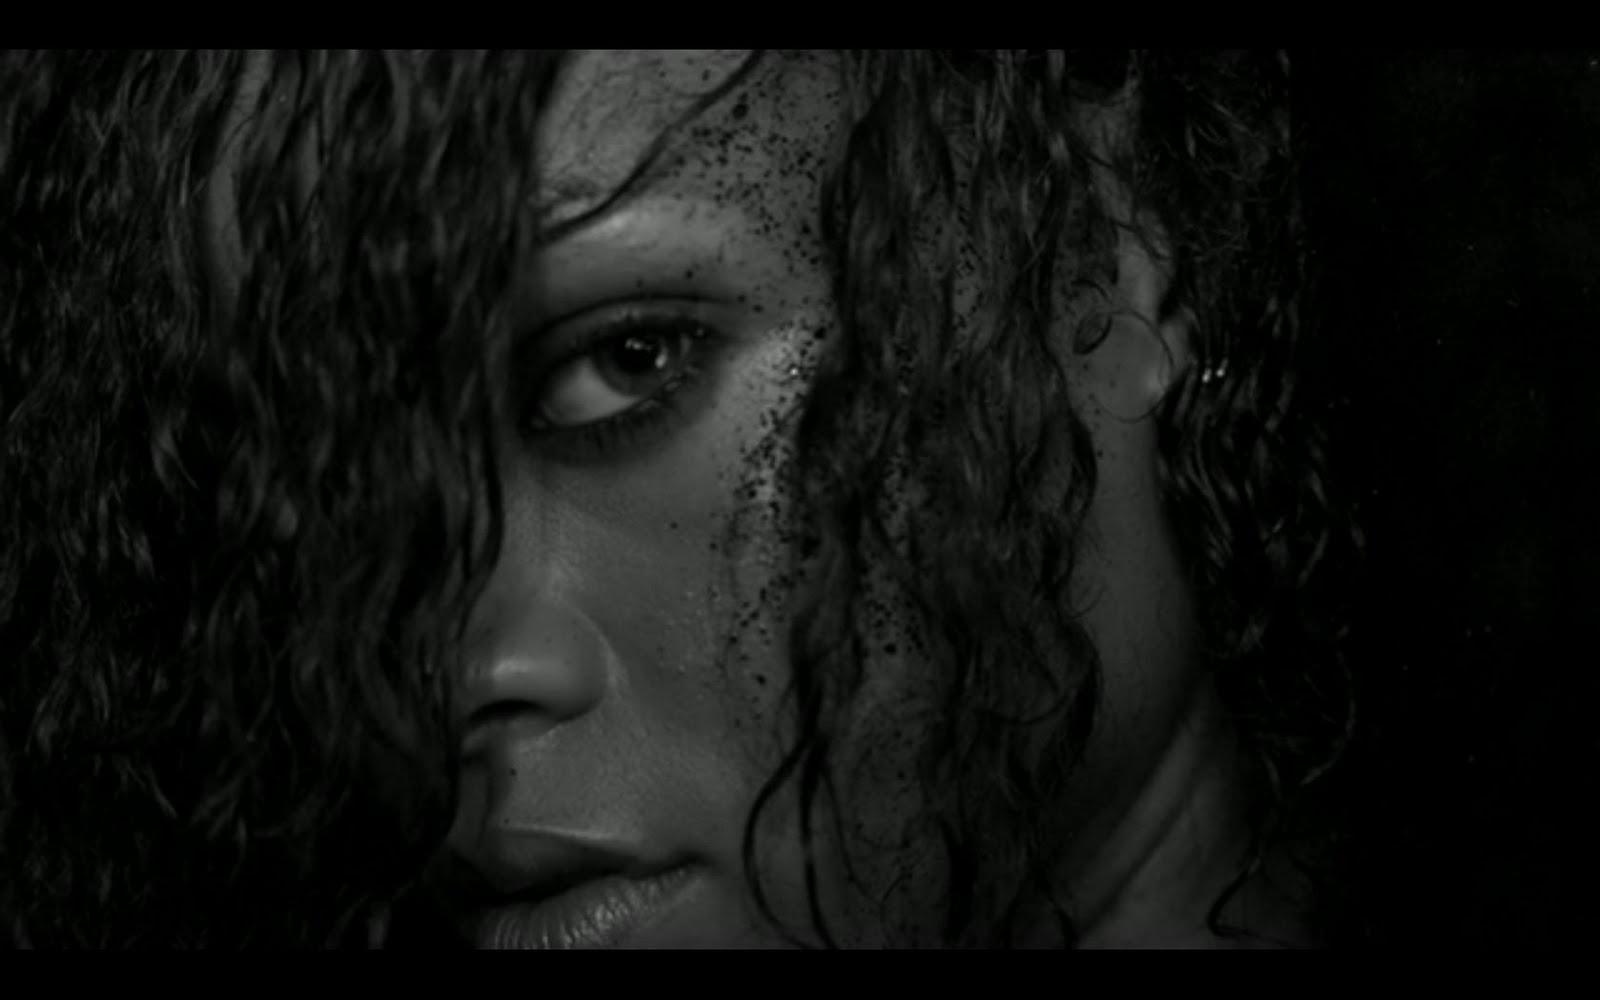 http://4.bp.blogspot.com/-tCBQ1RqdJww/TmjnsKMWtuI/AAAAAAAABXc/ZeUbpRcnS8U/s1600/rihanna-esquire-sexiest-woman-alive-2011-a.jpg